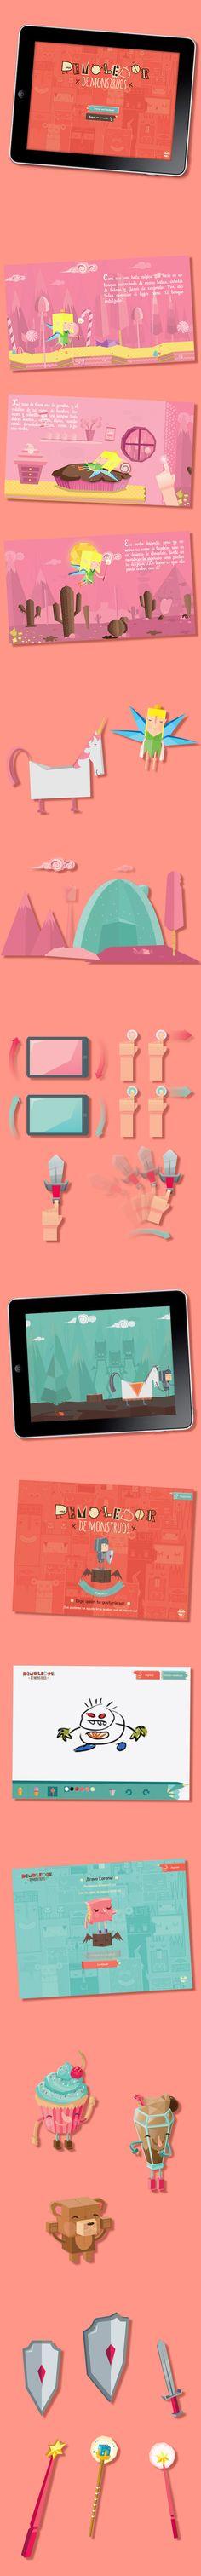 Demoledor de Monstruos / Monster Wrecker iPad Game on Behance